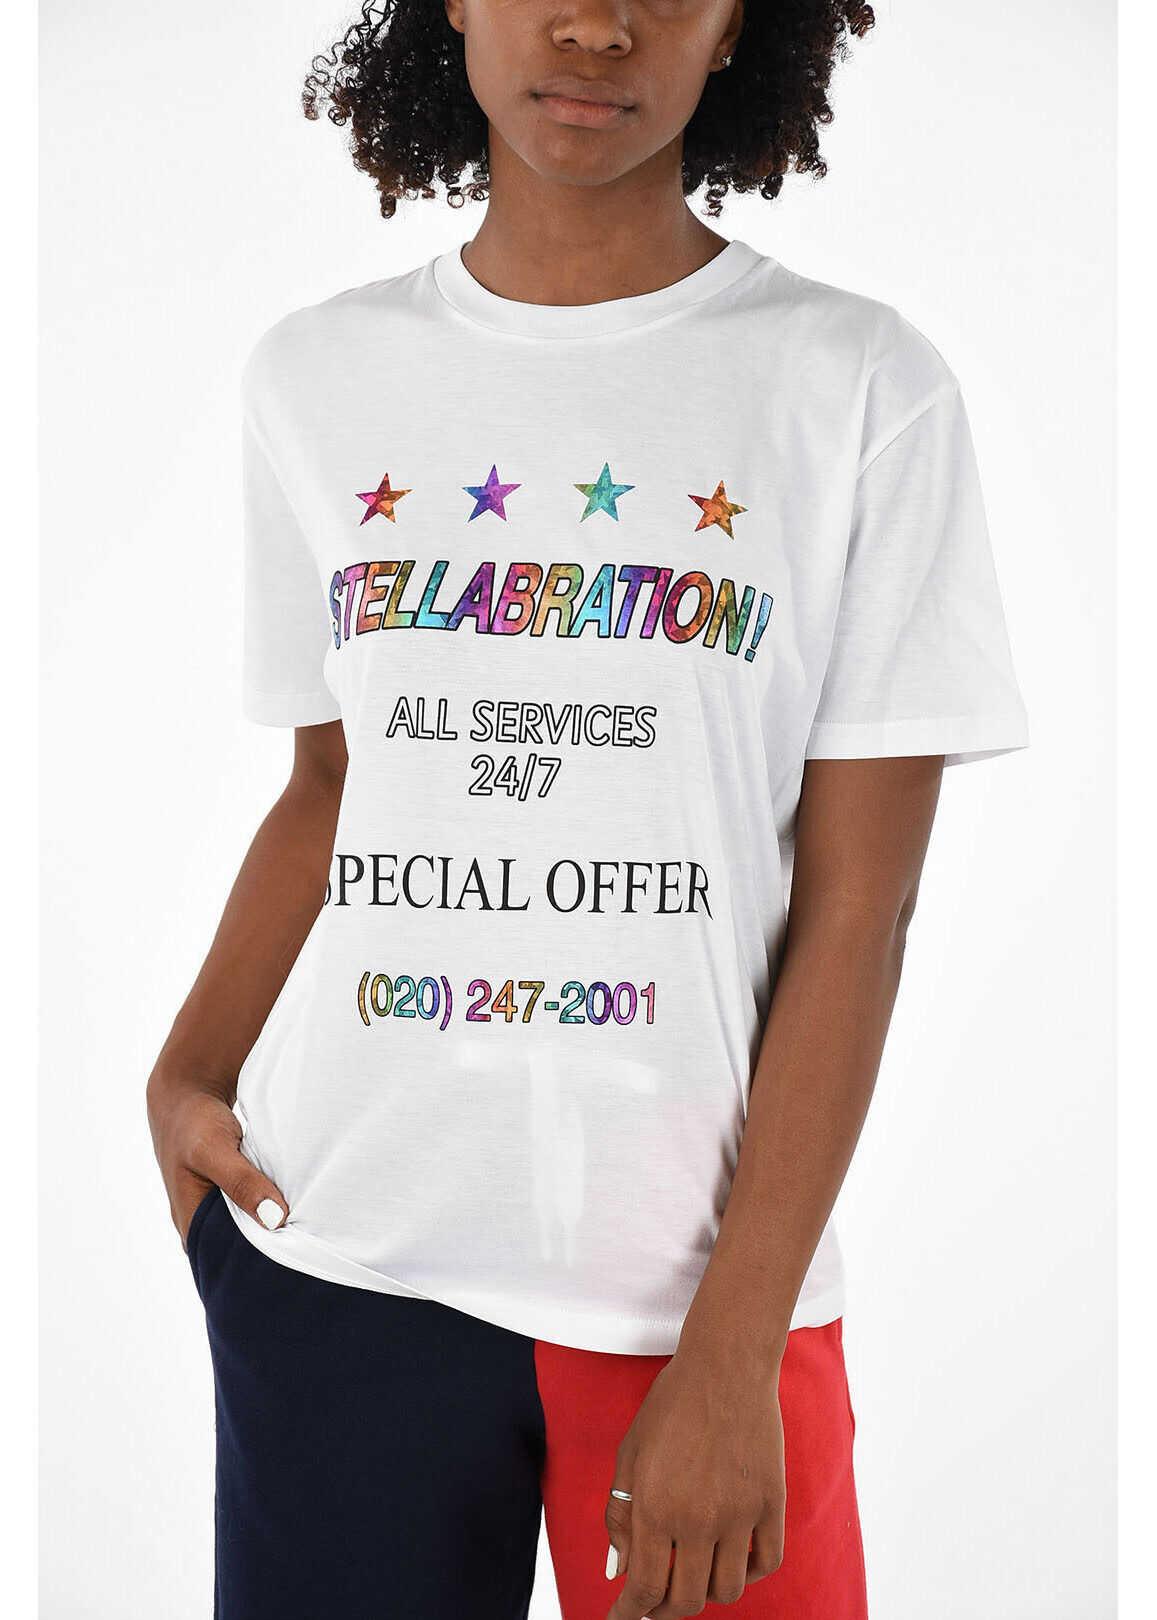 Stellabration T-shirt Jersey